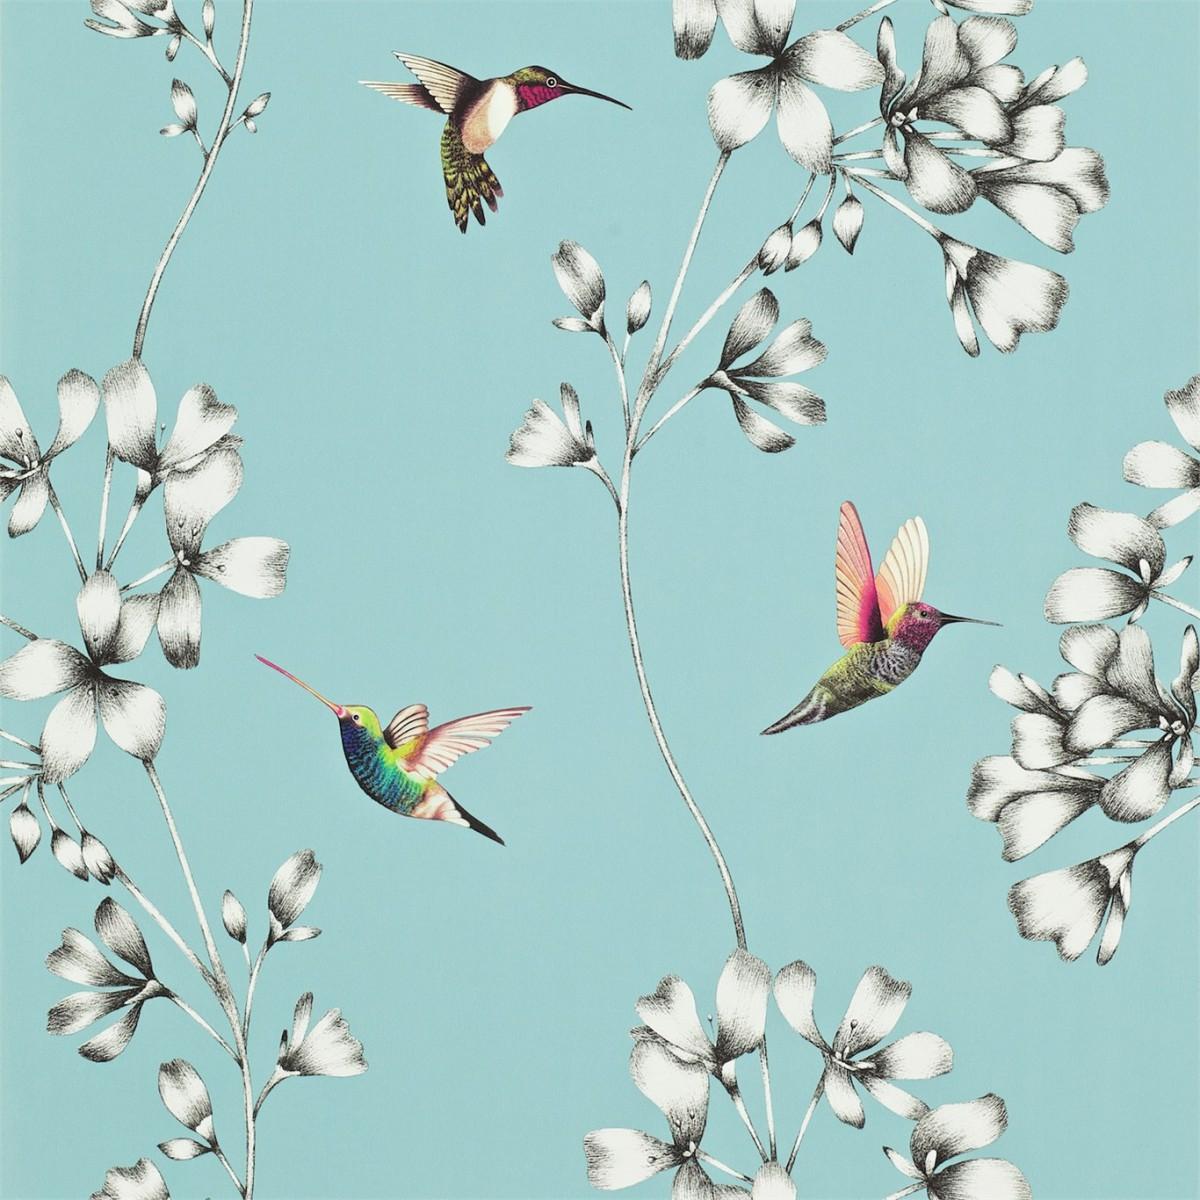 Amazilia tapet med farvestrålende kolibrier og blade på en lyseblå baggrund